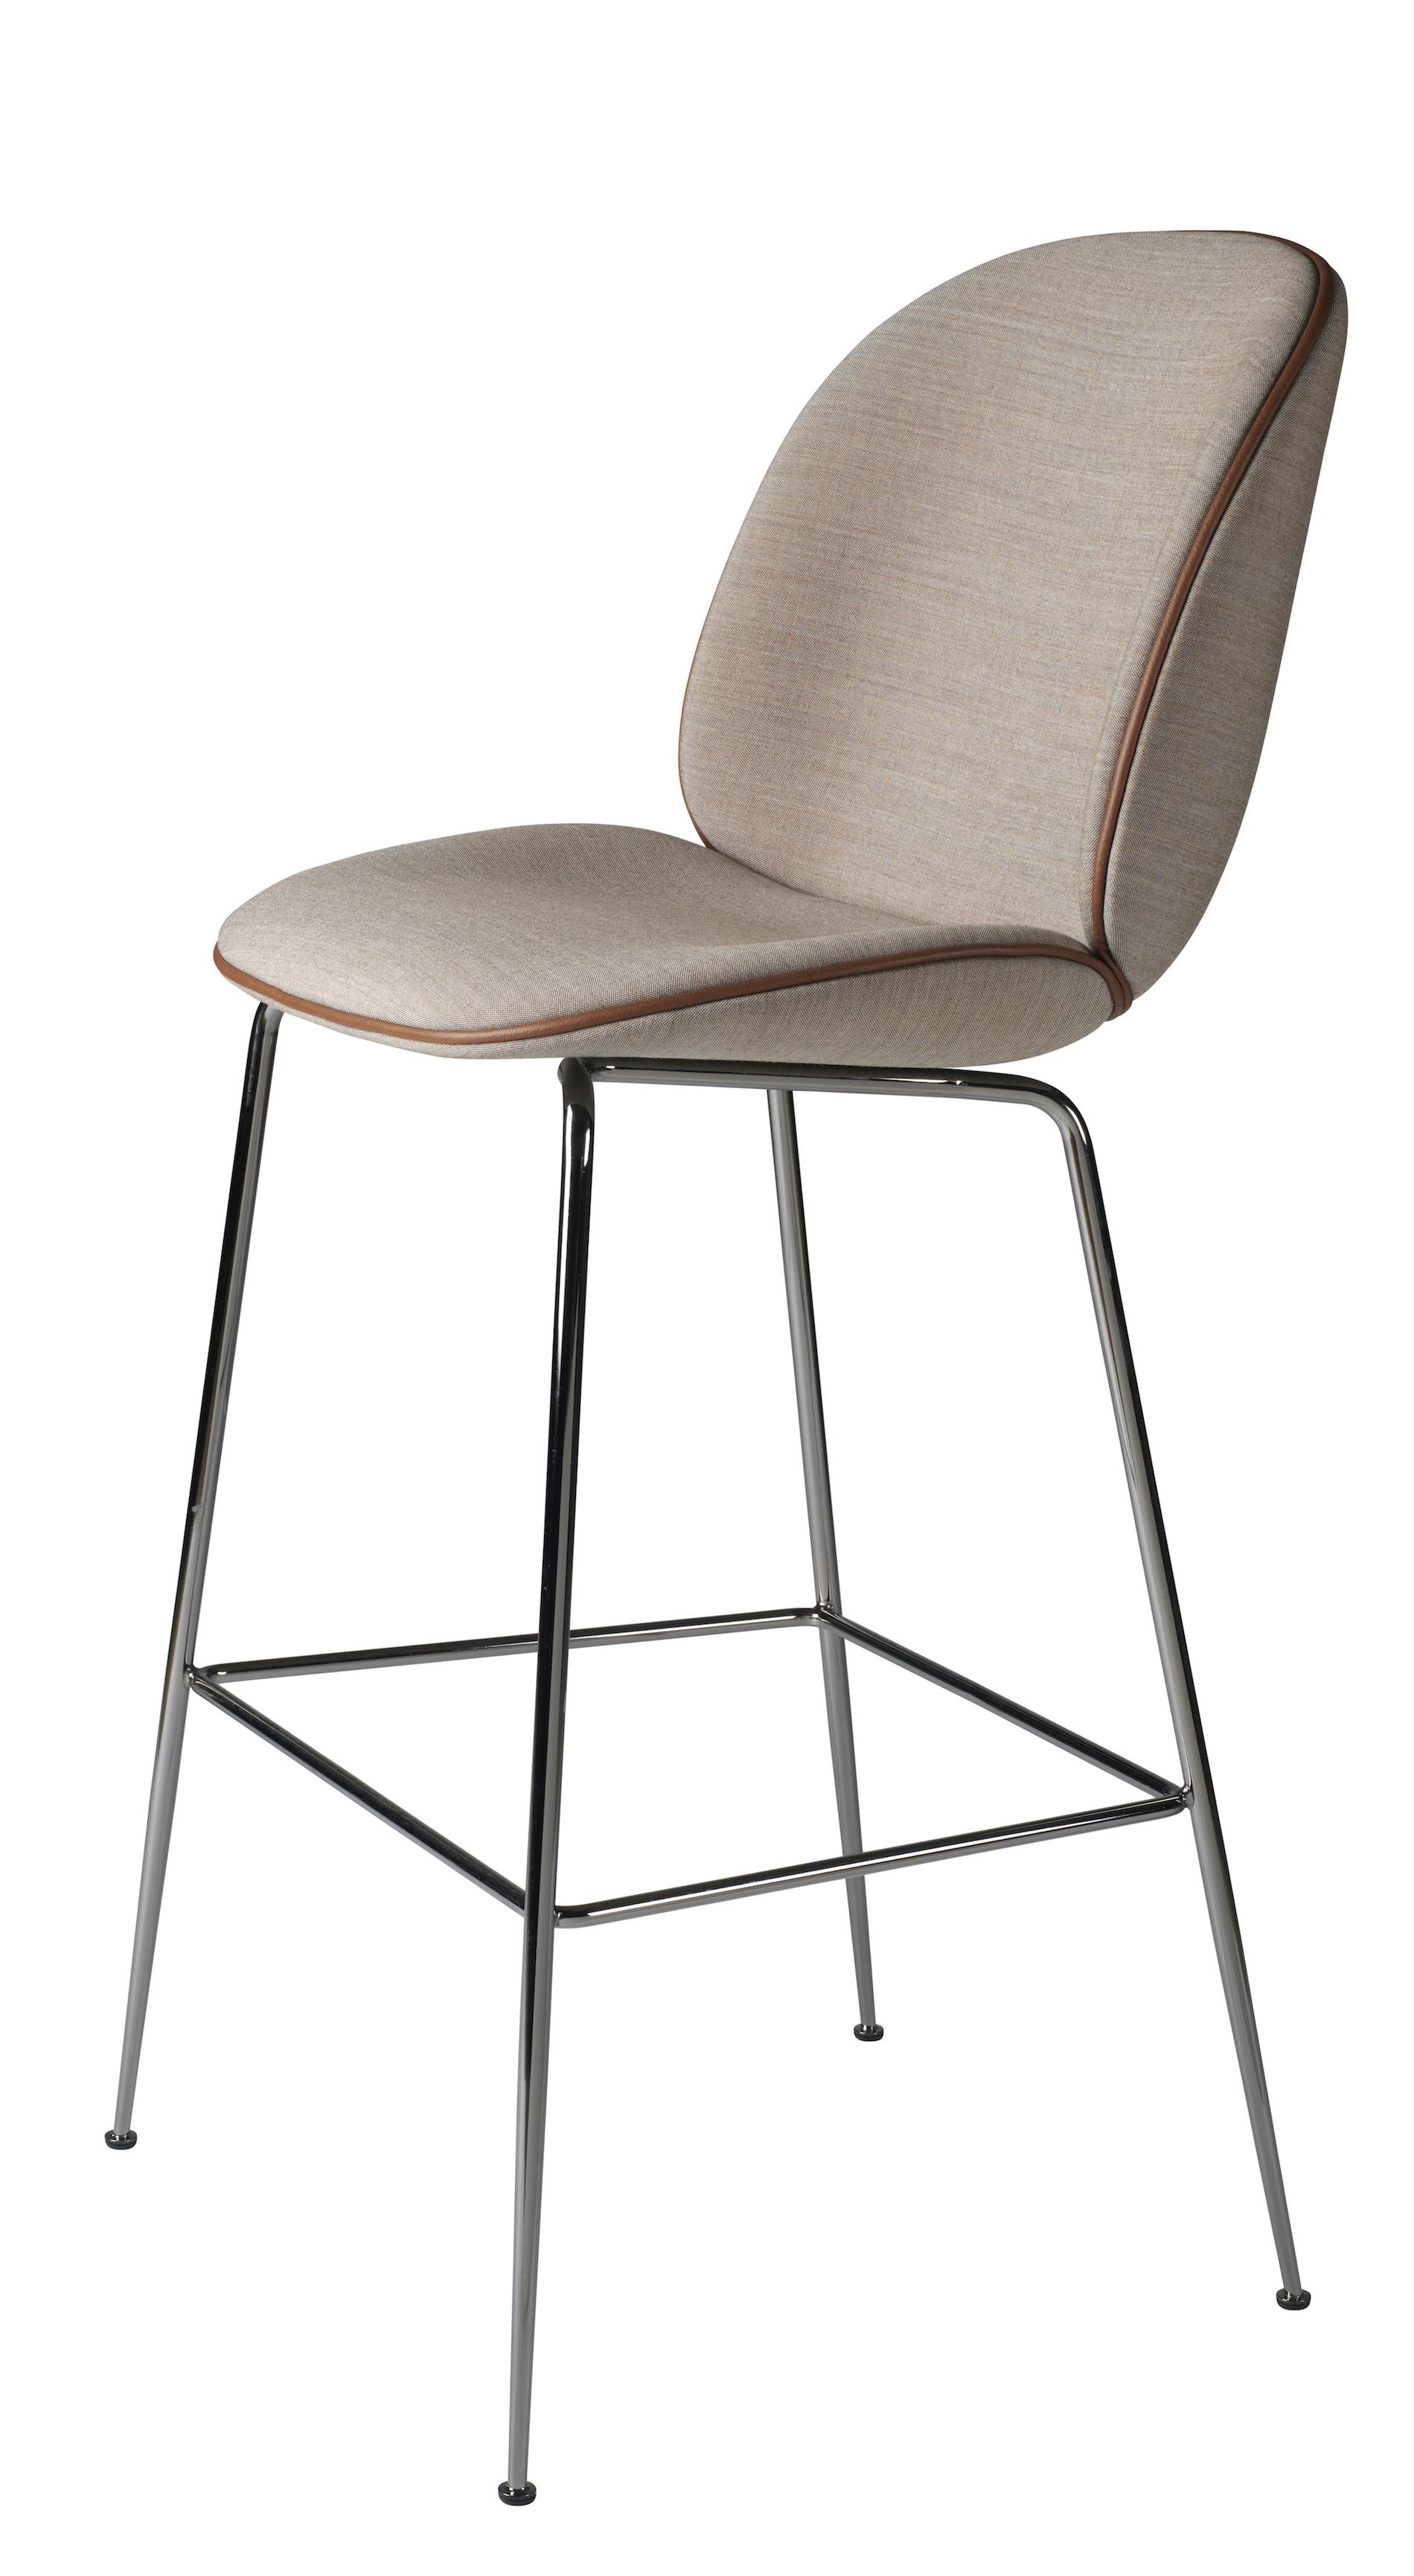 Gubi Beetle Bar Chair design GamFratesi : Beetle20Stool75Remix242Front mr from www.scandinavia-design.fr size 1900 x 3461 jpeg 1722kB